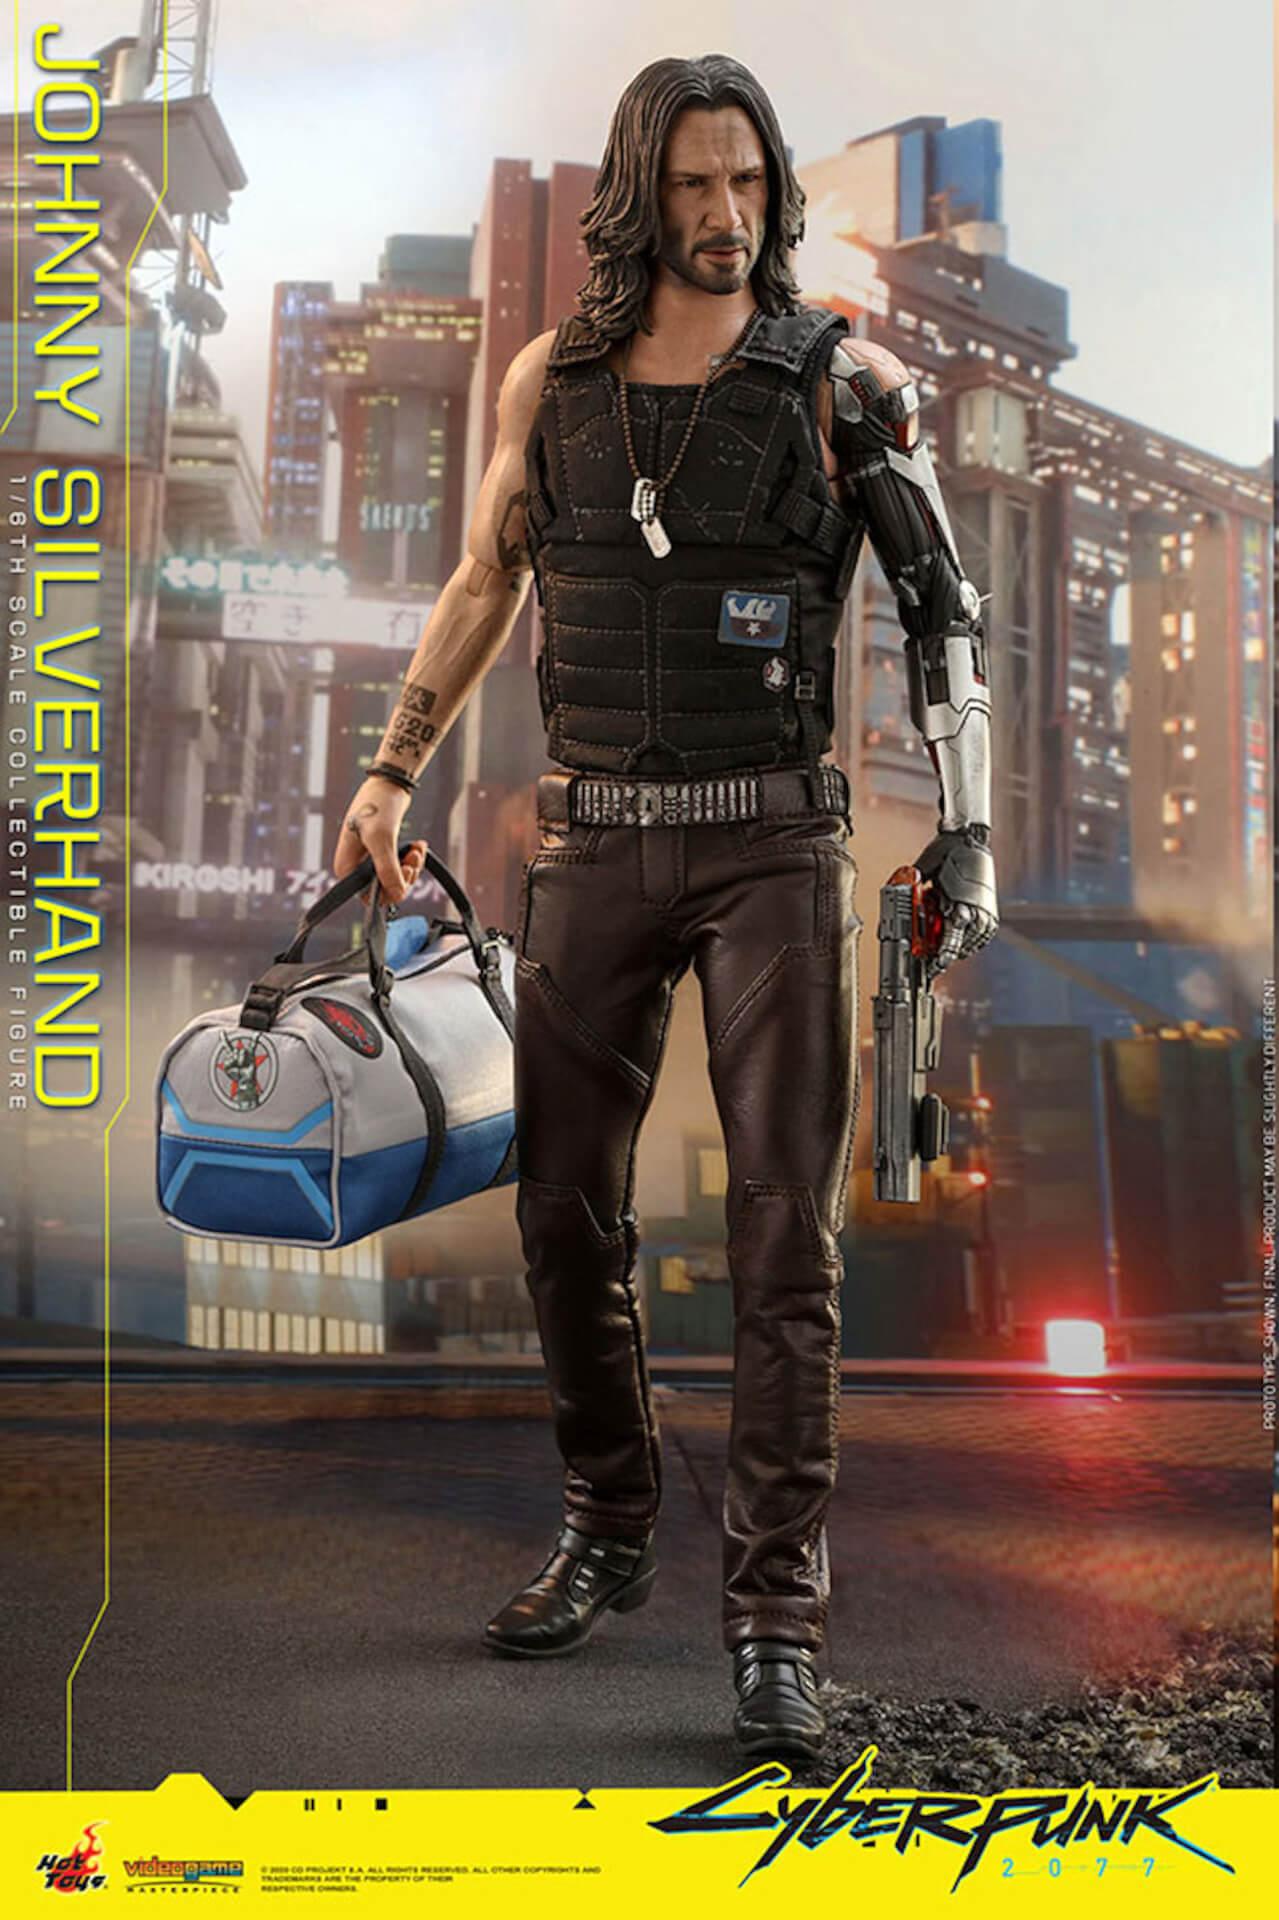 ホットトイズからキアヌ・リーブス演じる『サイバーパンク2077』のジョニーが超精巧なフィギュアになって登場! art201223_cyberpunk2077_5